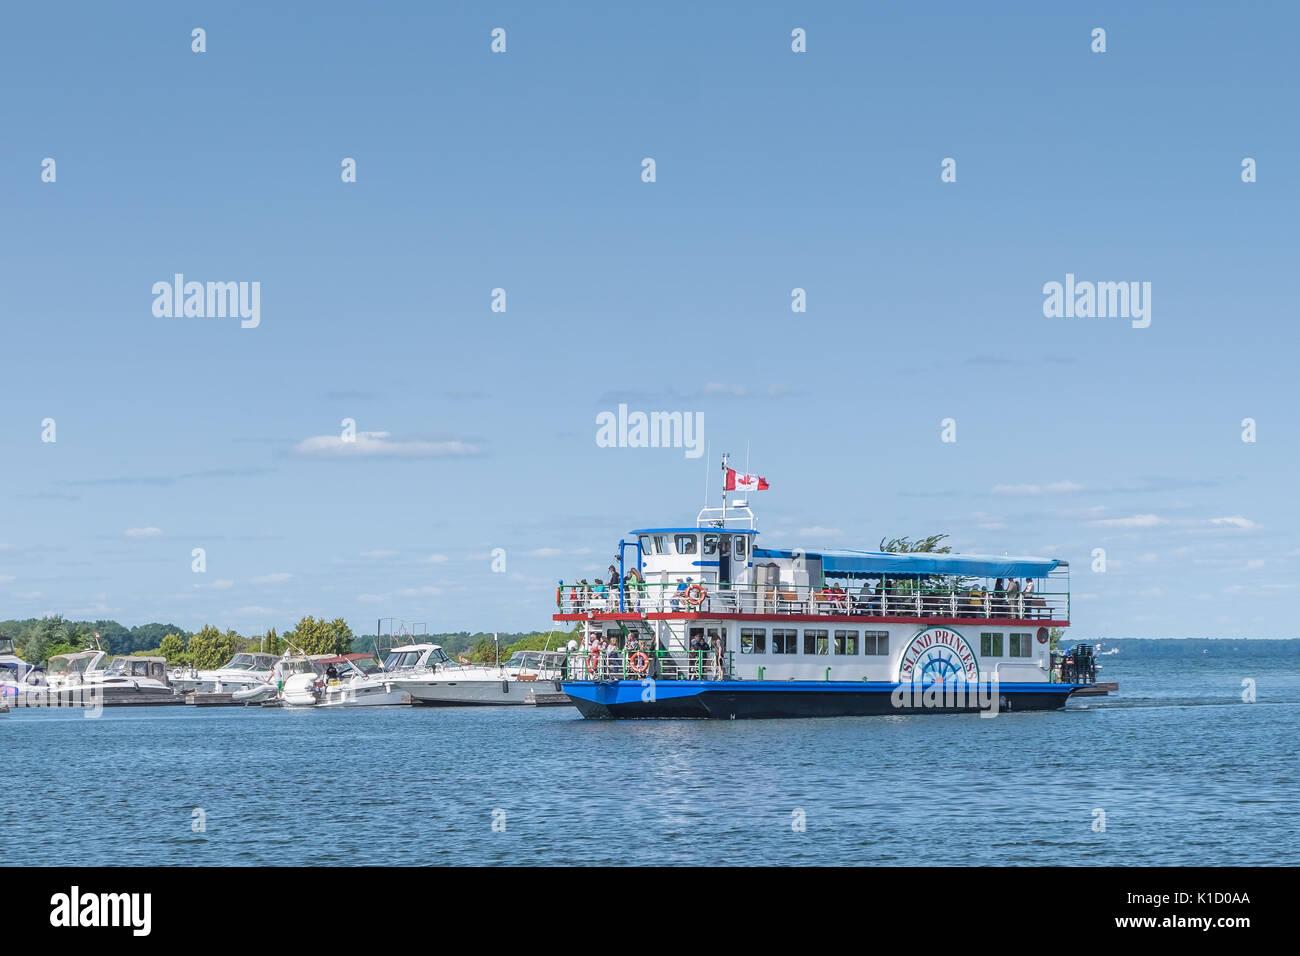 Die Island Princess eine Tour Boot auf See Couchiching fährt täglich vom Hafen von Orillia Ontario. Stockfoto